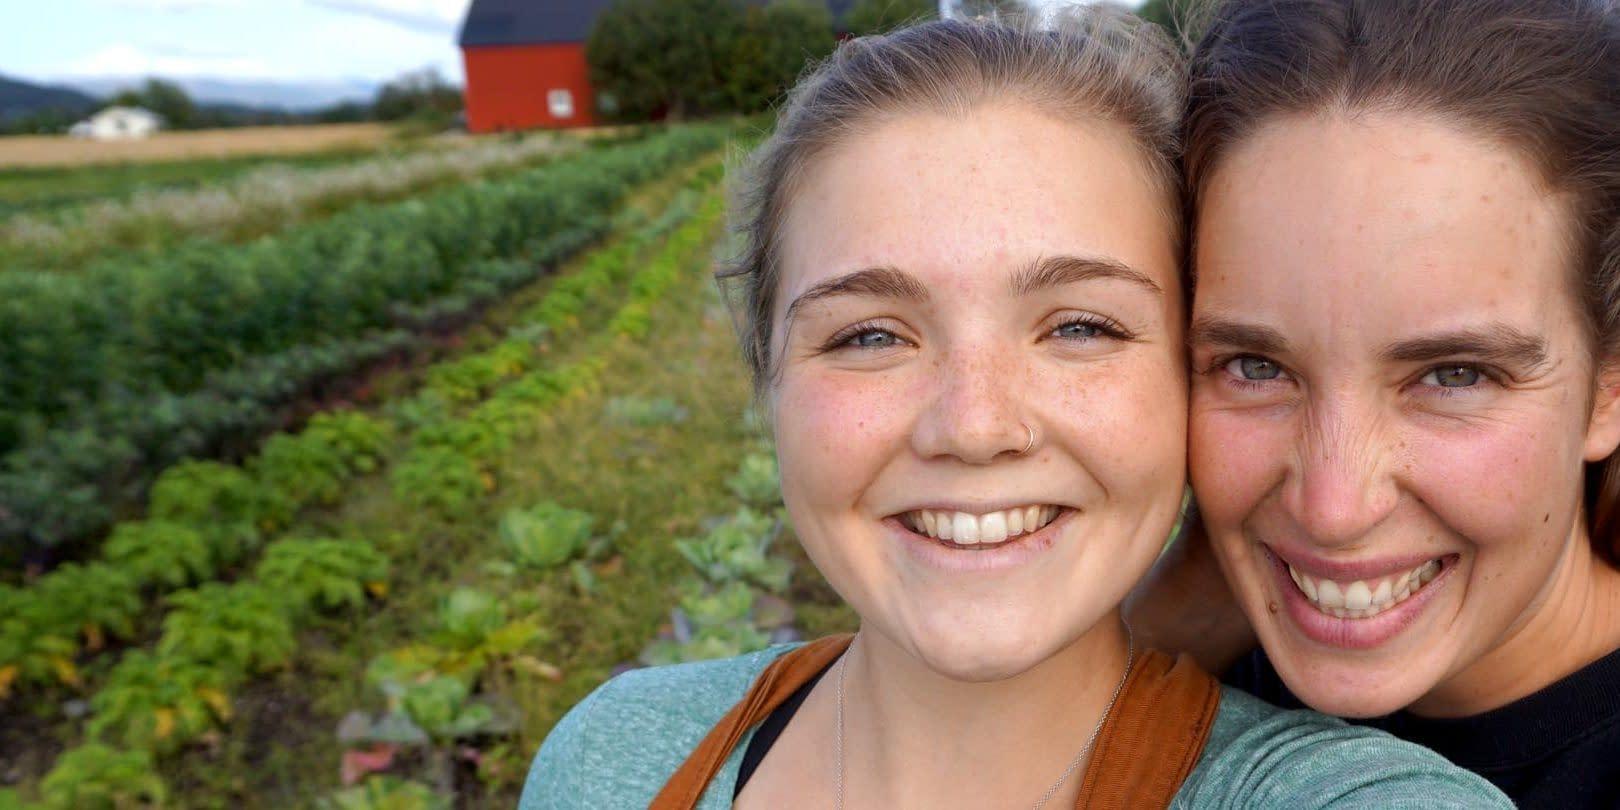 Glade jenter smiler til kameraet i en okologisk kjokkenhage